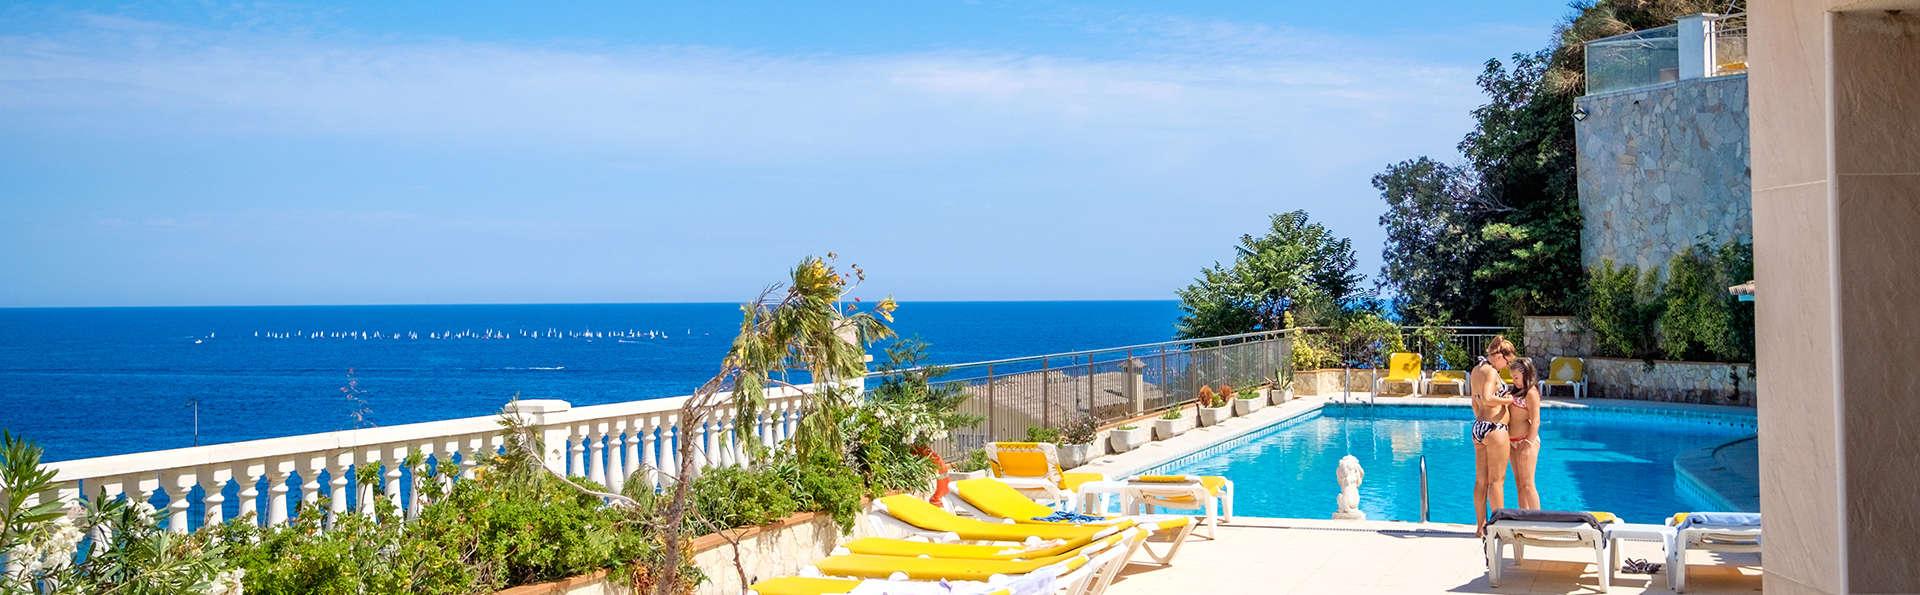 Vacanze perfette: mezza pensione, cocktail e altro sulla Costa Brava